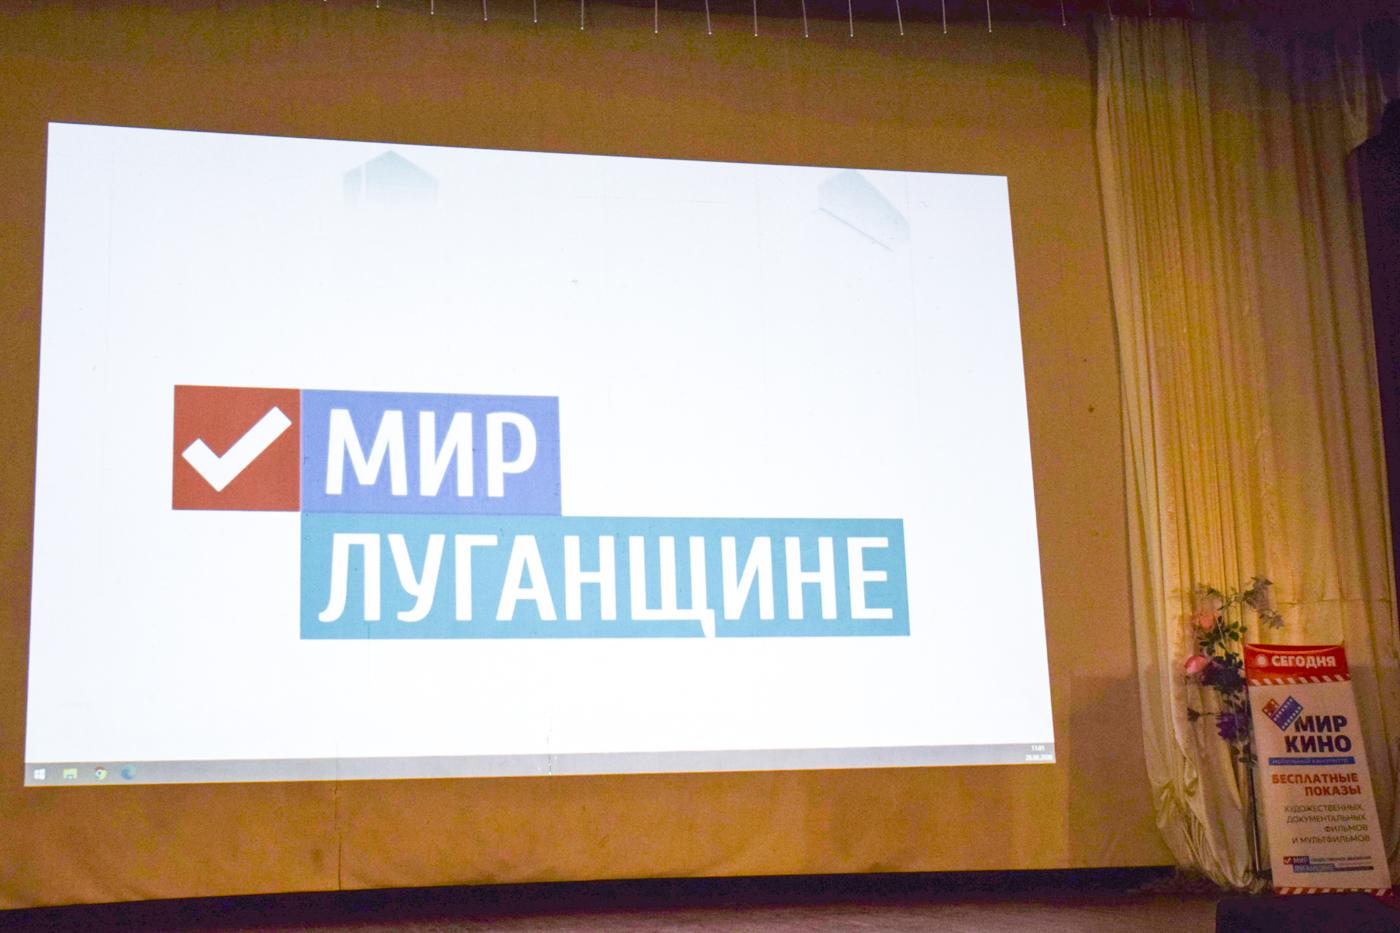 В Первомайске в рамках проекта «Мир кино» для детей показали мультфильм 2